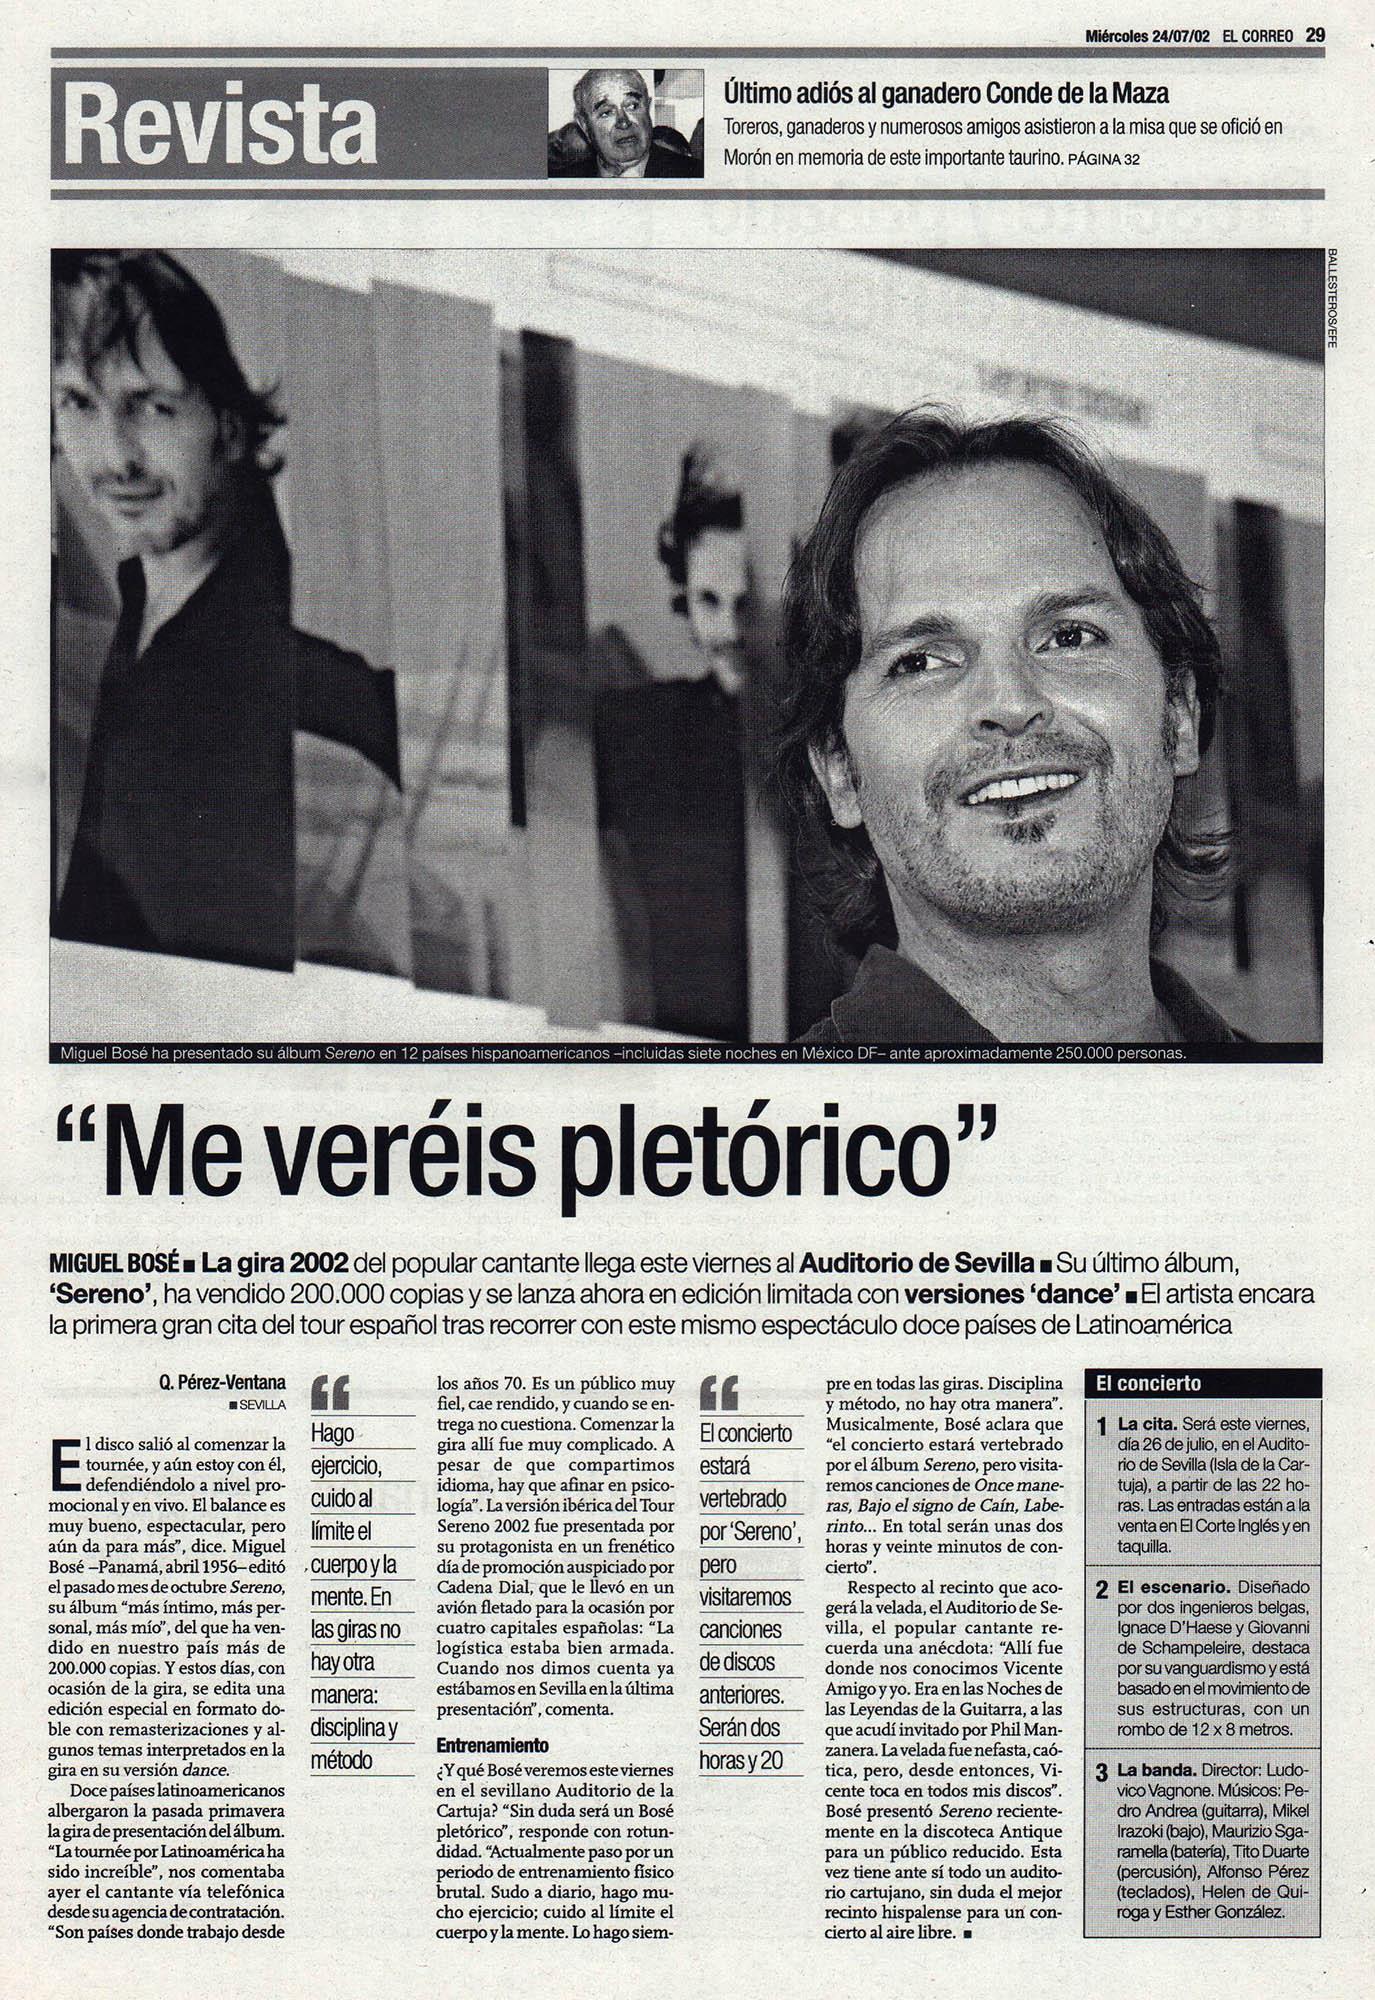 Miguel Bosé: «Me veréis pletórico» - Sereno | El Correo de Andalucía | 24 jul 2002